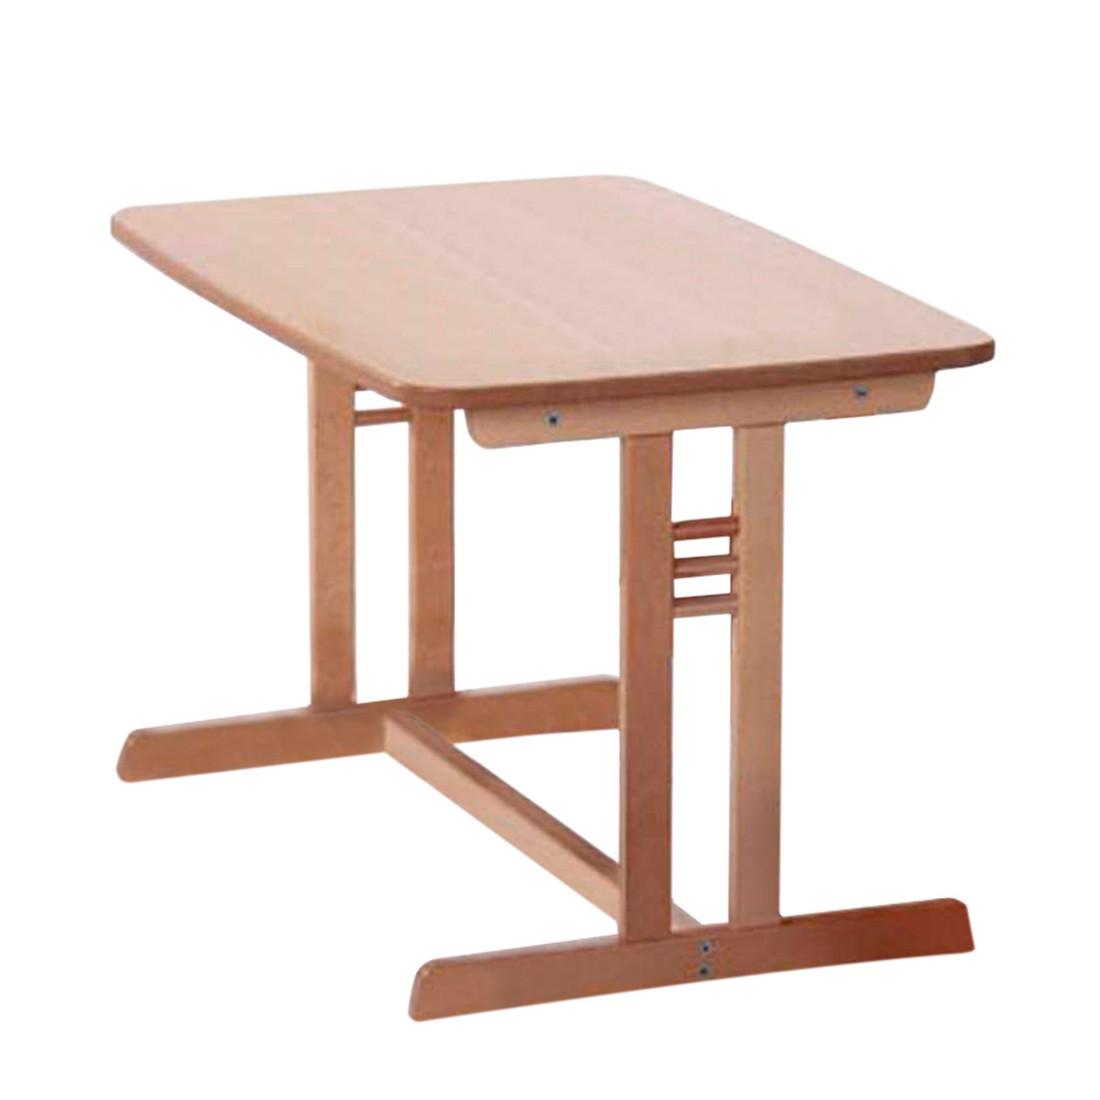 Tisch Ministar - Buche massiv - Natur, Schardt